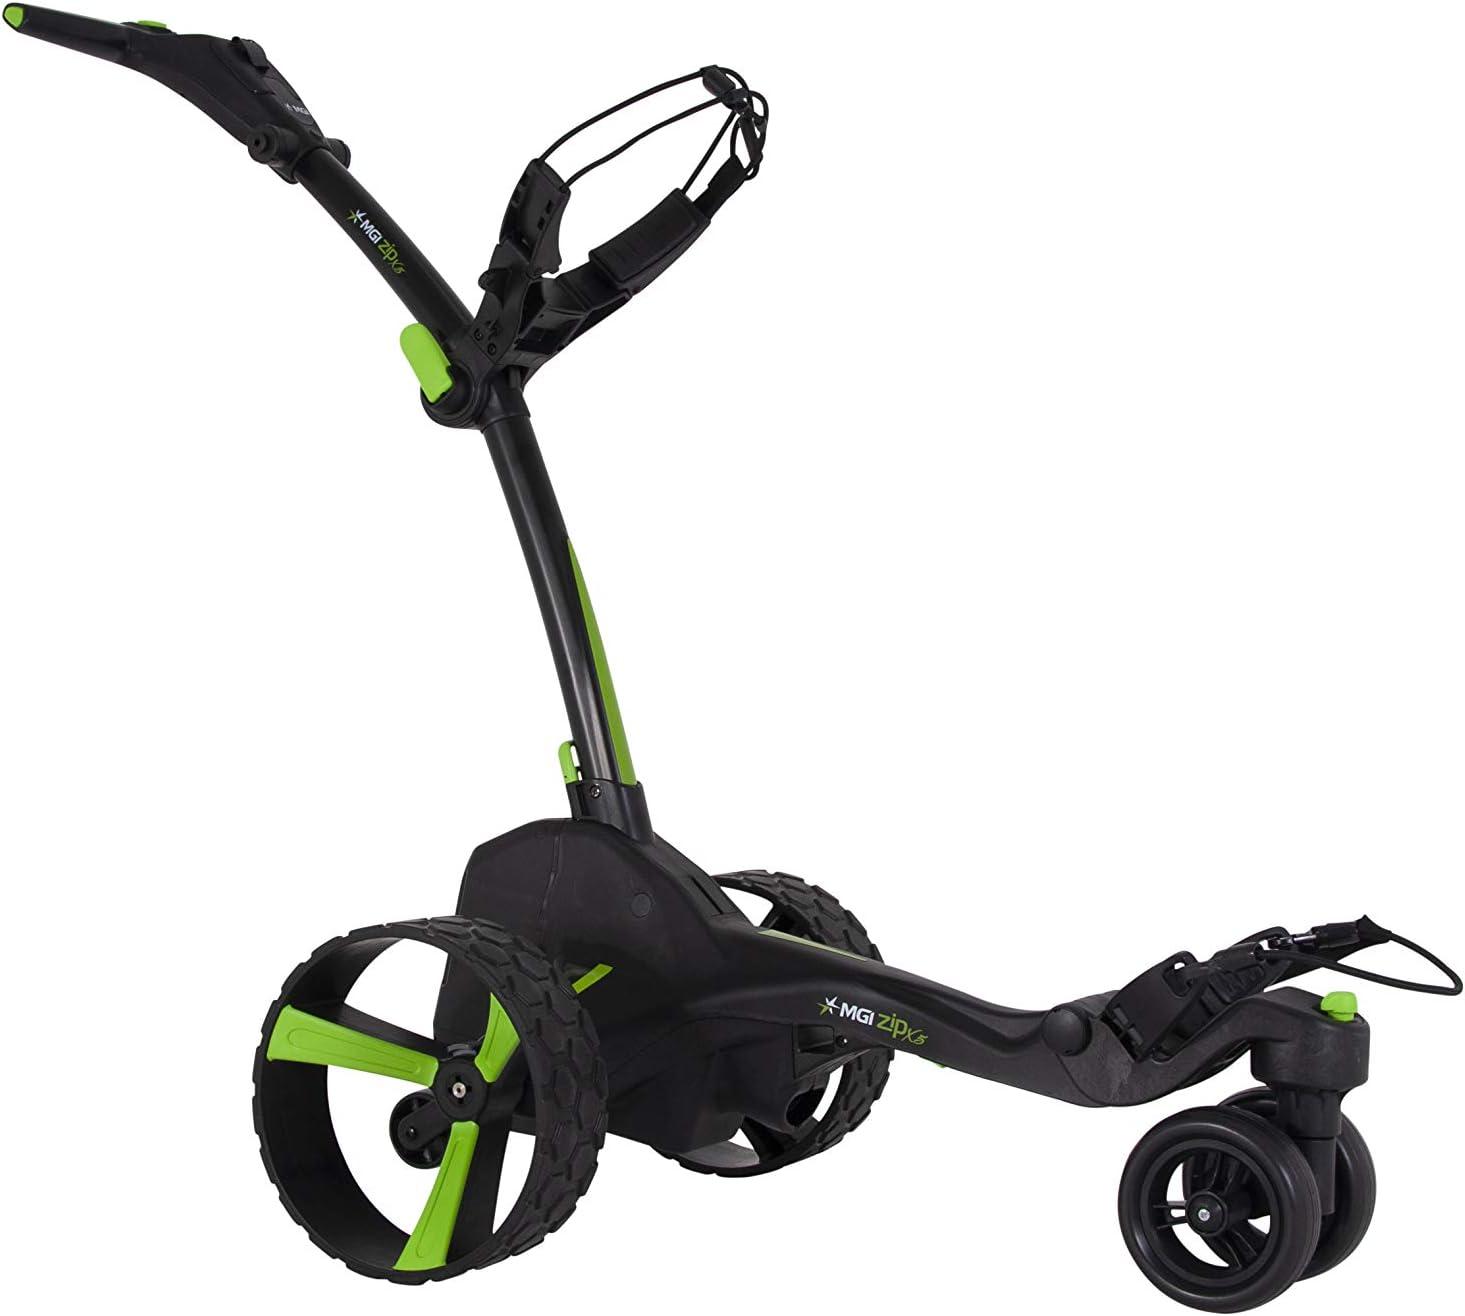 Best Technologically Advanced Cart: MGI Zip X5 Motorized Golf Cart